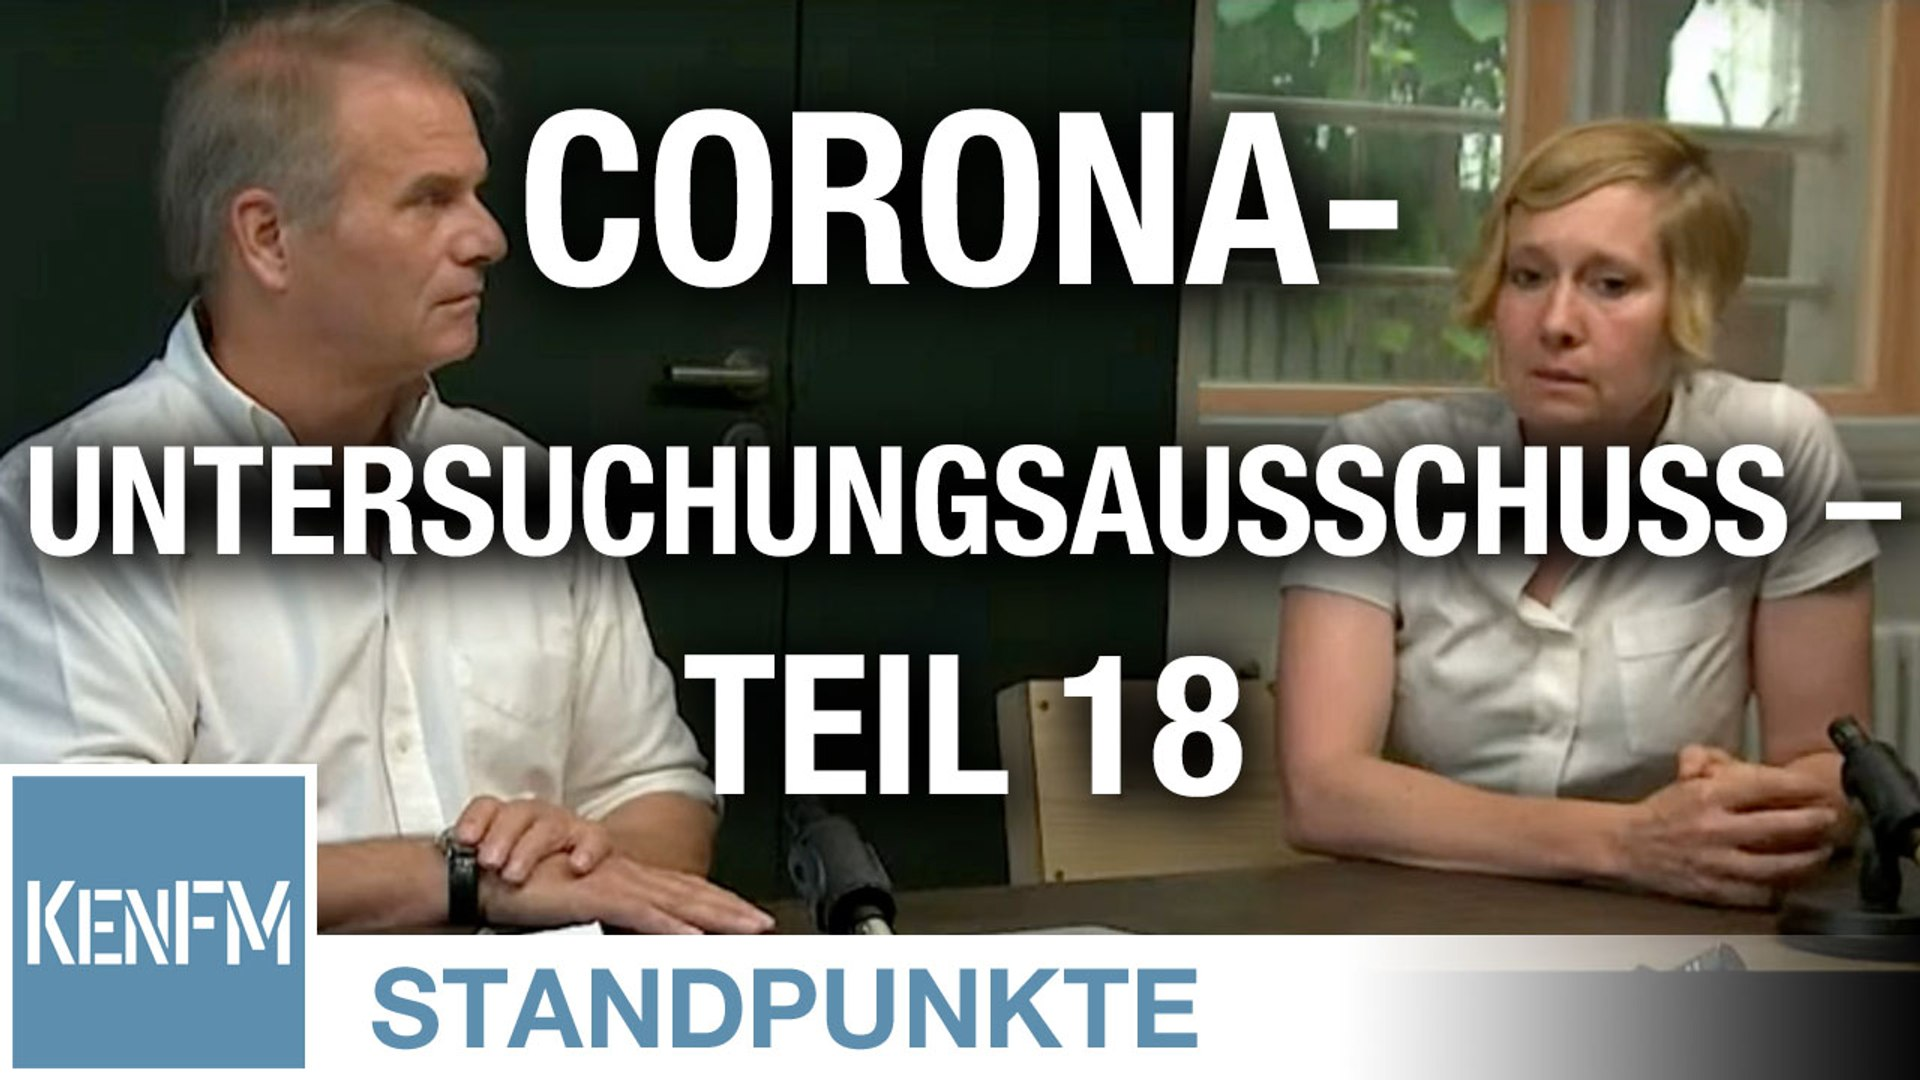 Corona-Untersuchungsausschuss – Teil 18 | Von Jochen Mitschka